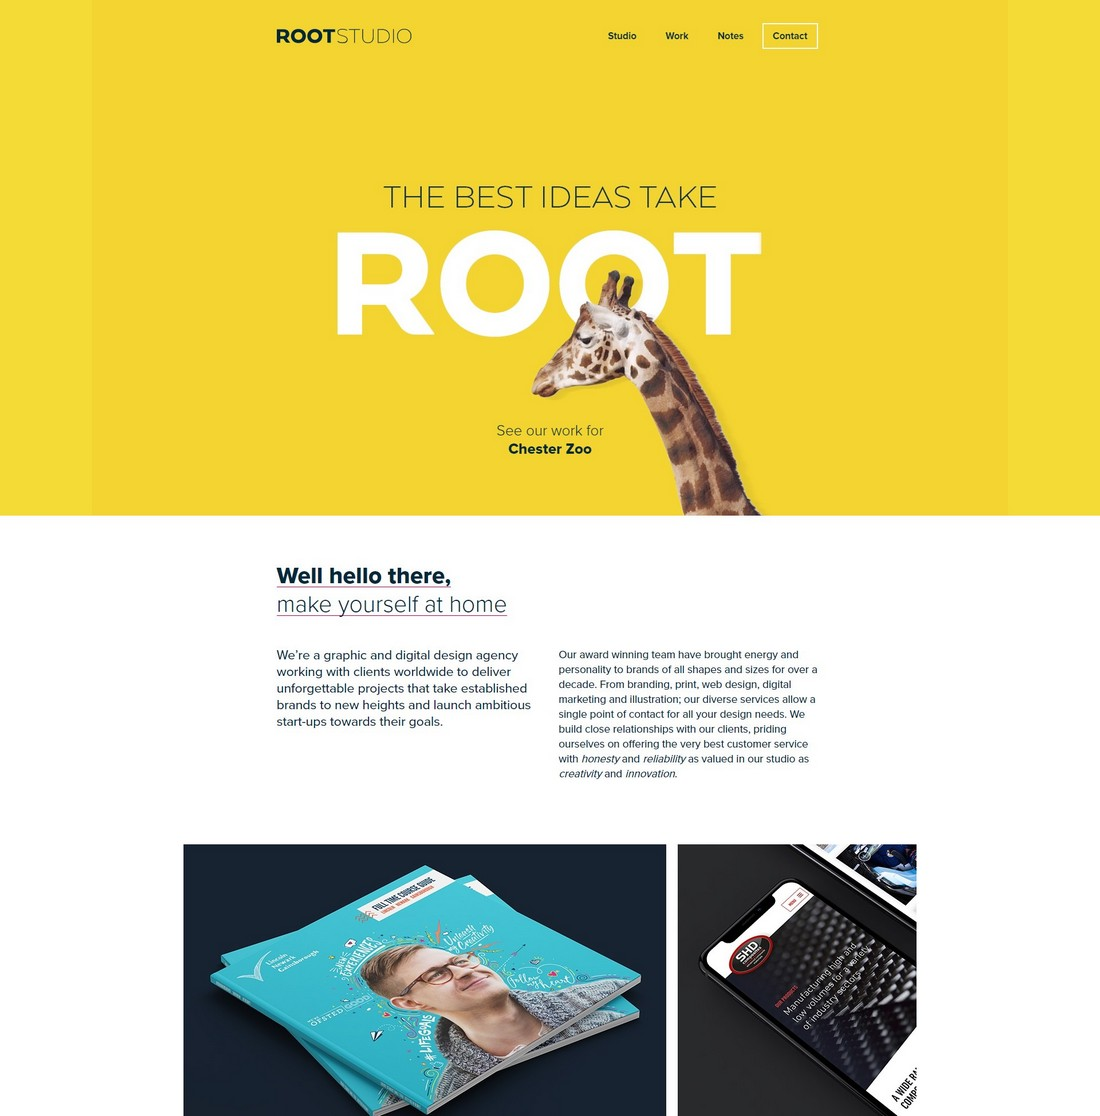 rootstudio 10 Best Graphic Design Portfolio Examples + Templates design tips